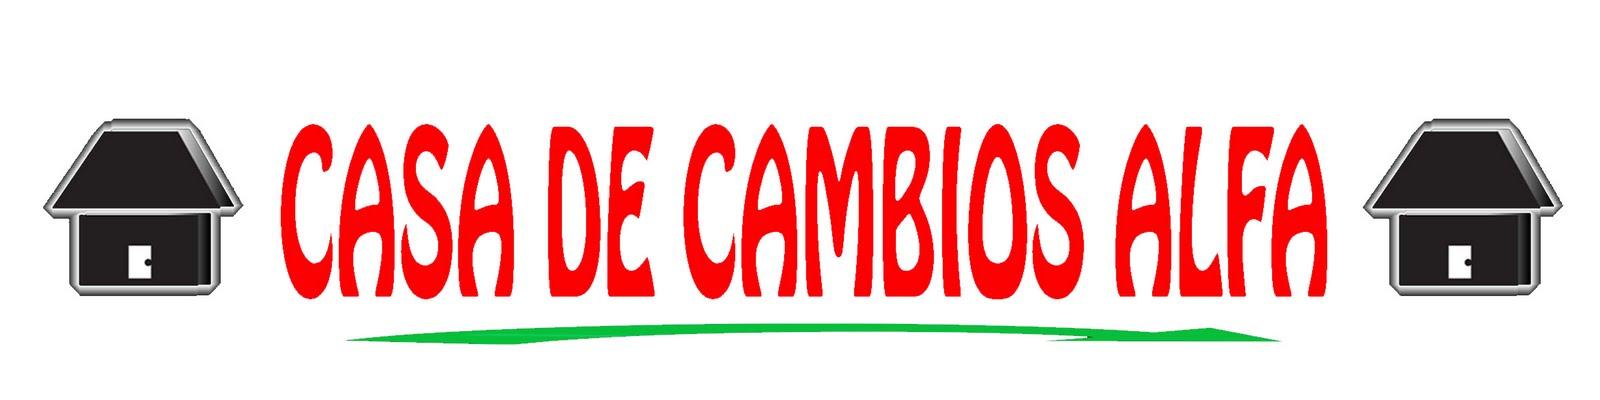 LA MEJOR CASA DE CAMBIO DE PANAMÁ